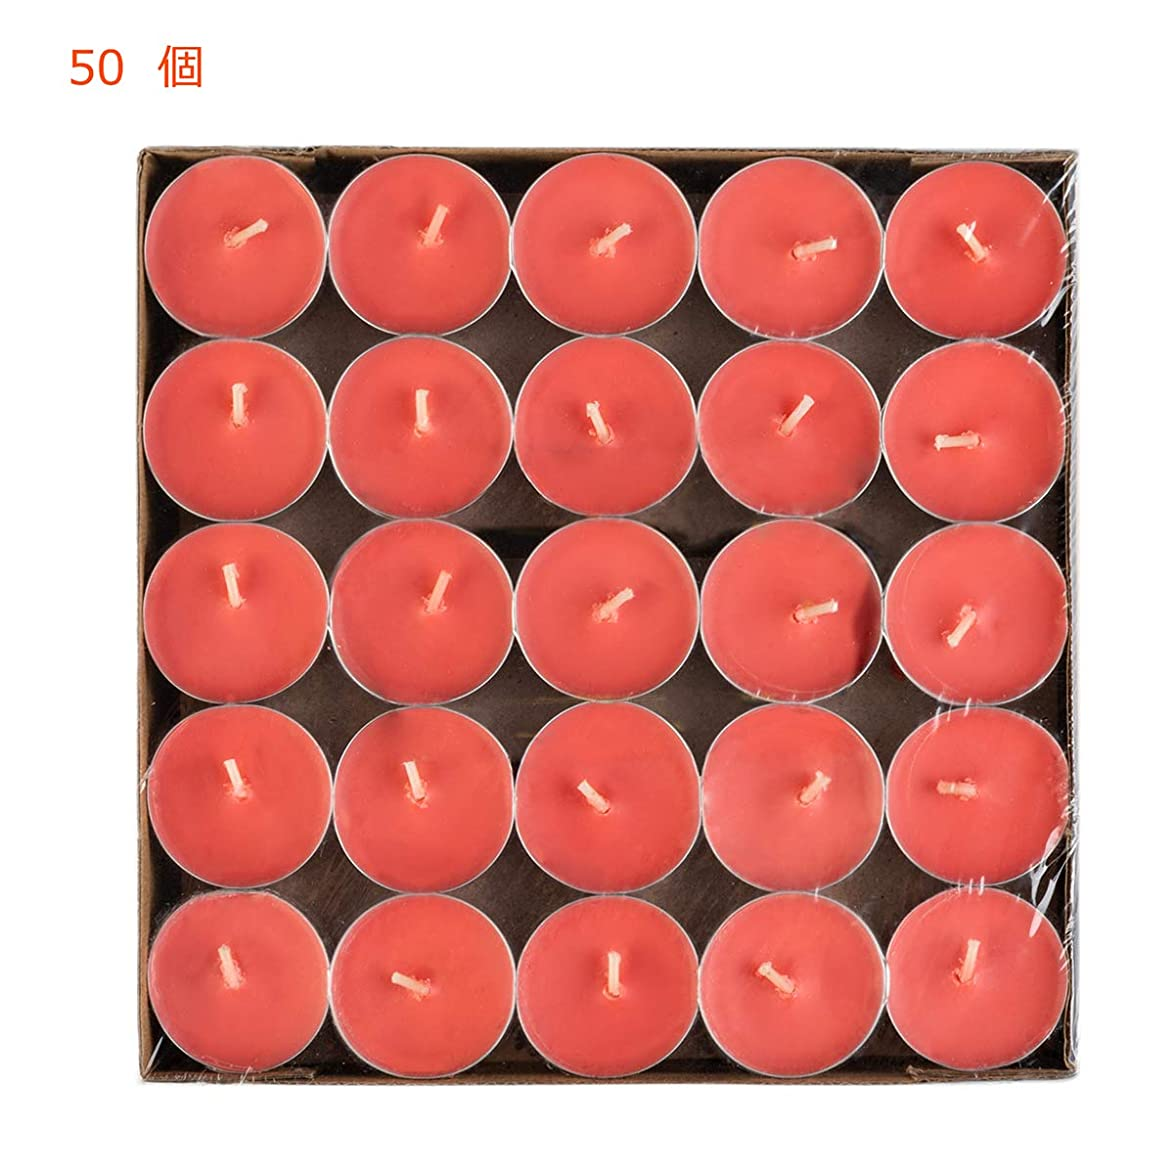 アレルギー性ブル会社Hwagui ティーライト キャンドル アロマキャンドル ろうそく おしゃれ 蝋燭 ロウソク ロマンチック 赤 50個 4時間